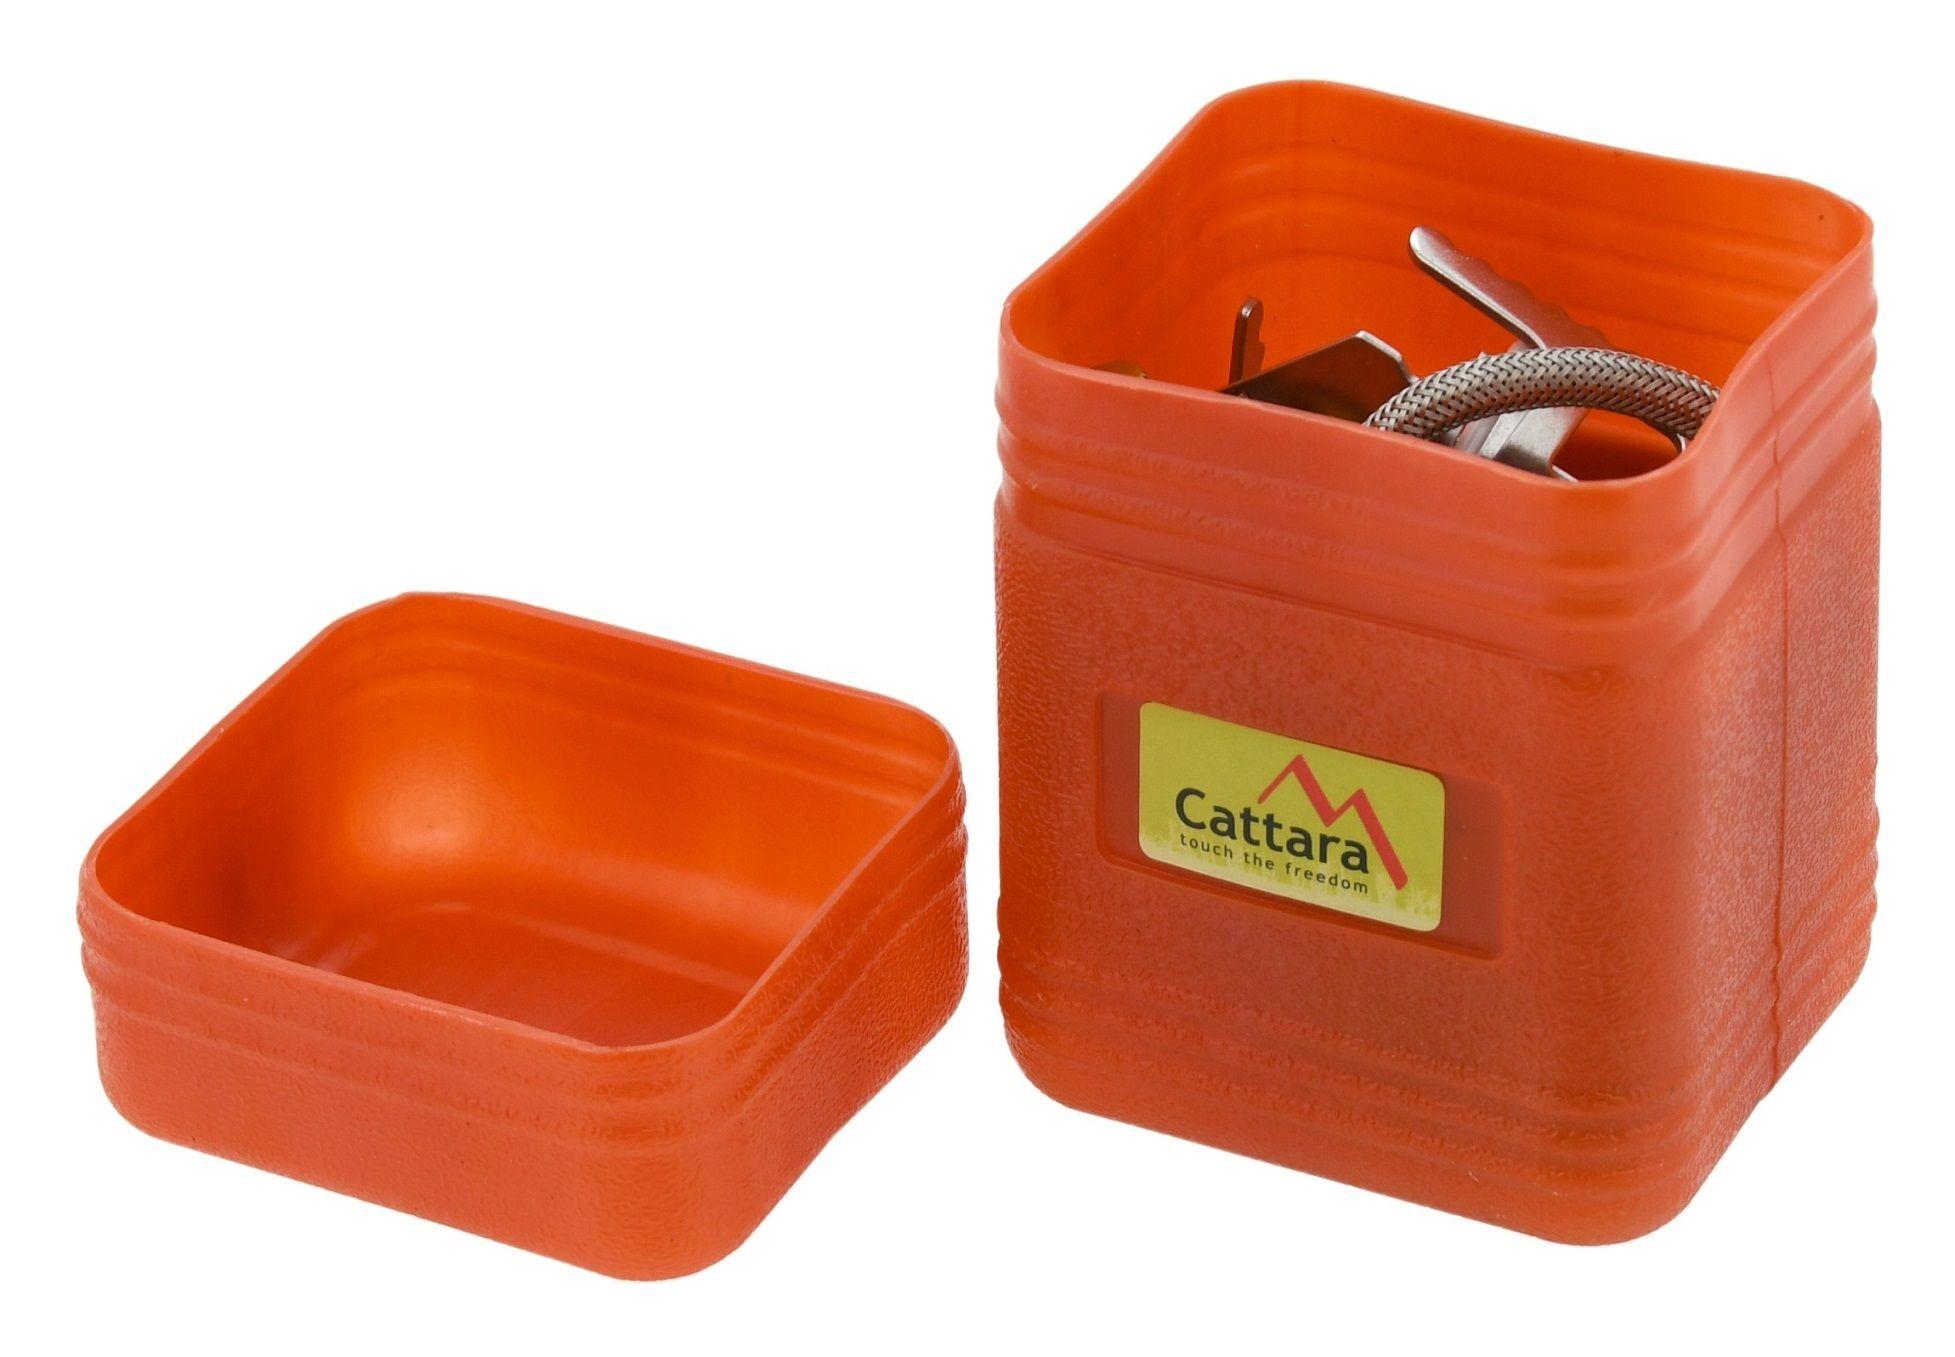 Plynový vařič kempingový stojánek CATTARA